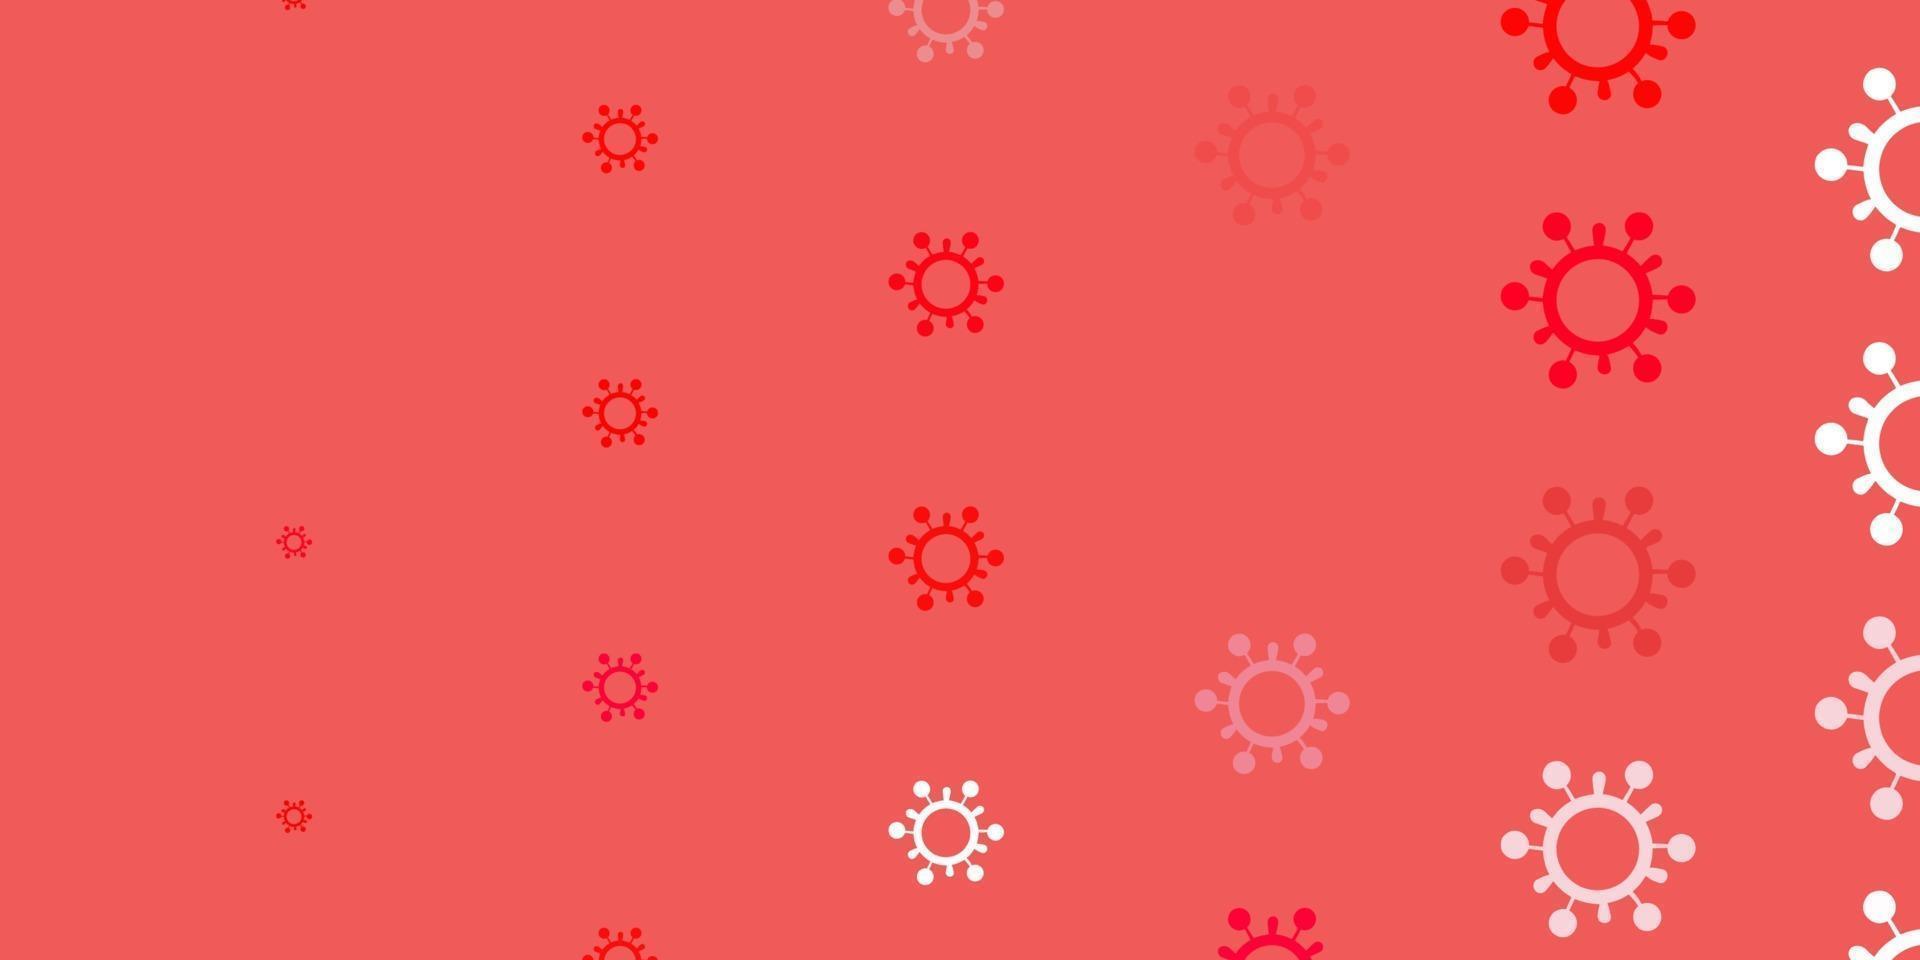 fond de vecteur rose clair, rouge avec symboles covid-19.